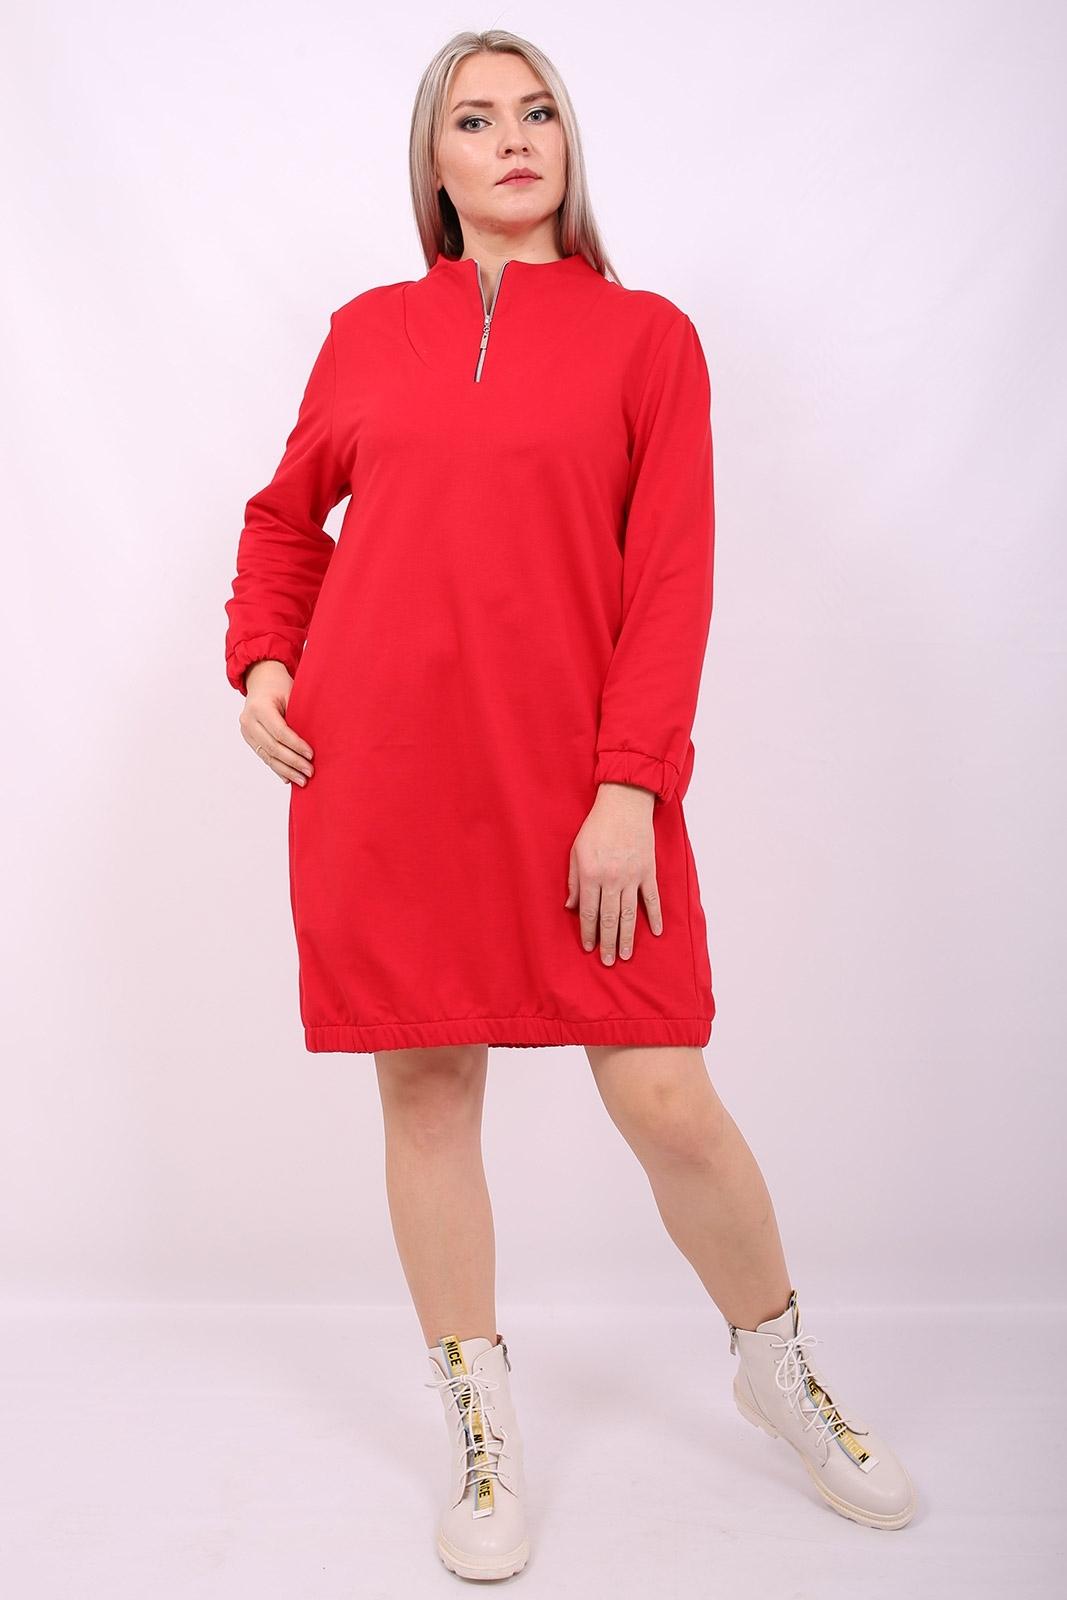 Женское белье сеть магазинов новый комплект нижнего женского белья нижнее